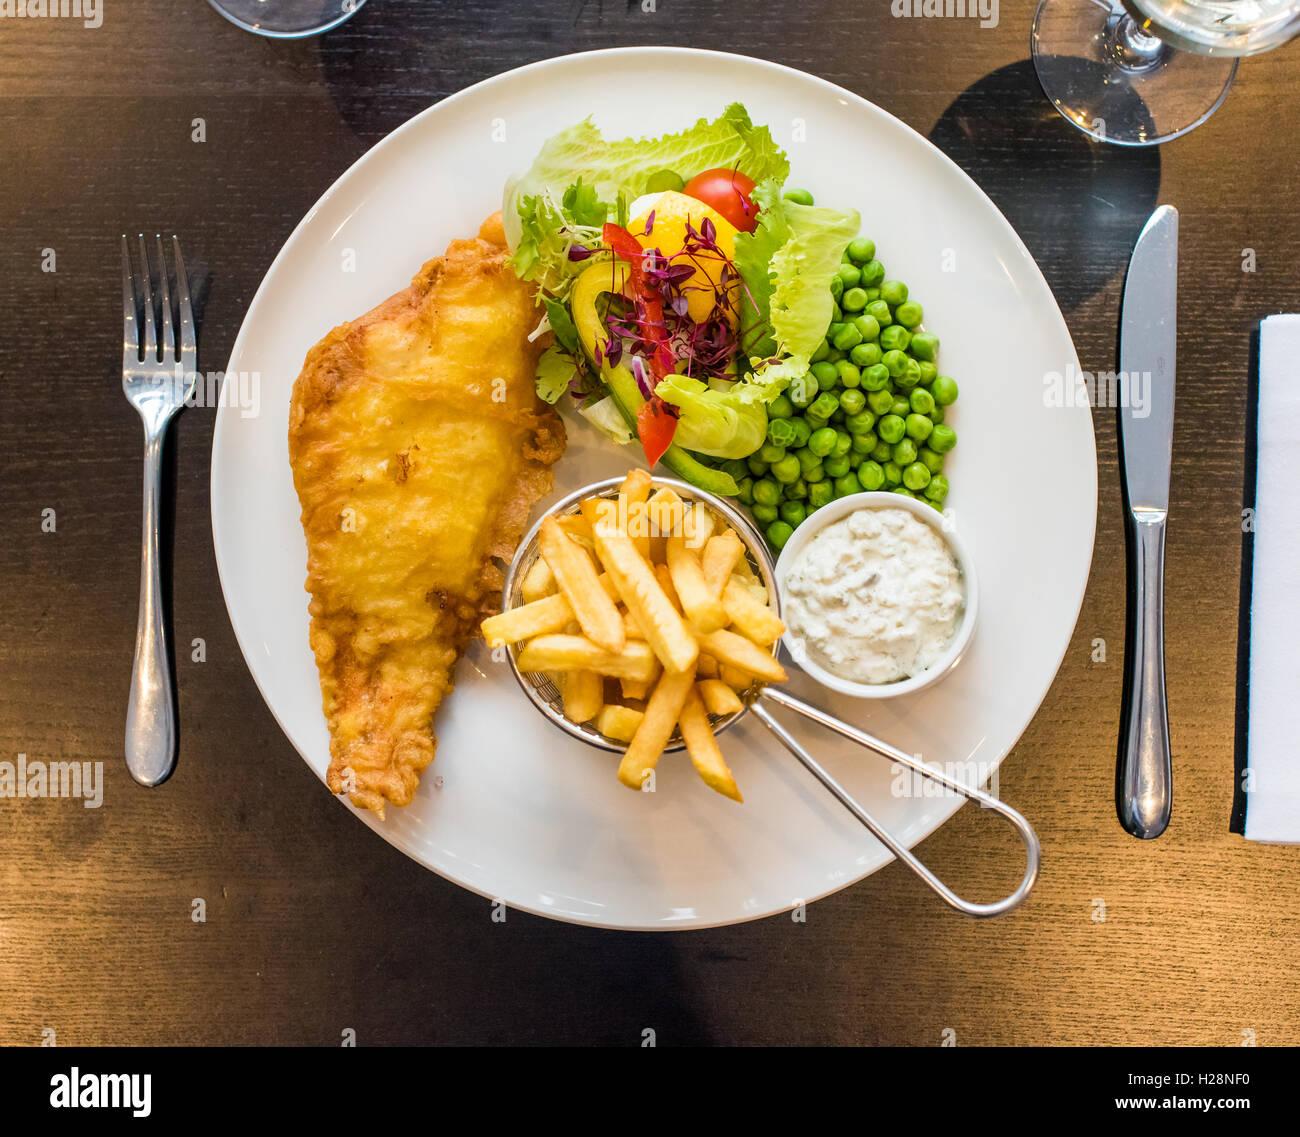 Pesce e patatine con piselli servito su una piastra con insalata e salsa tartara Immagini Stock